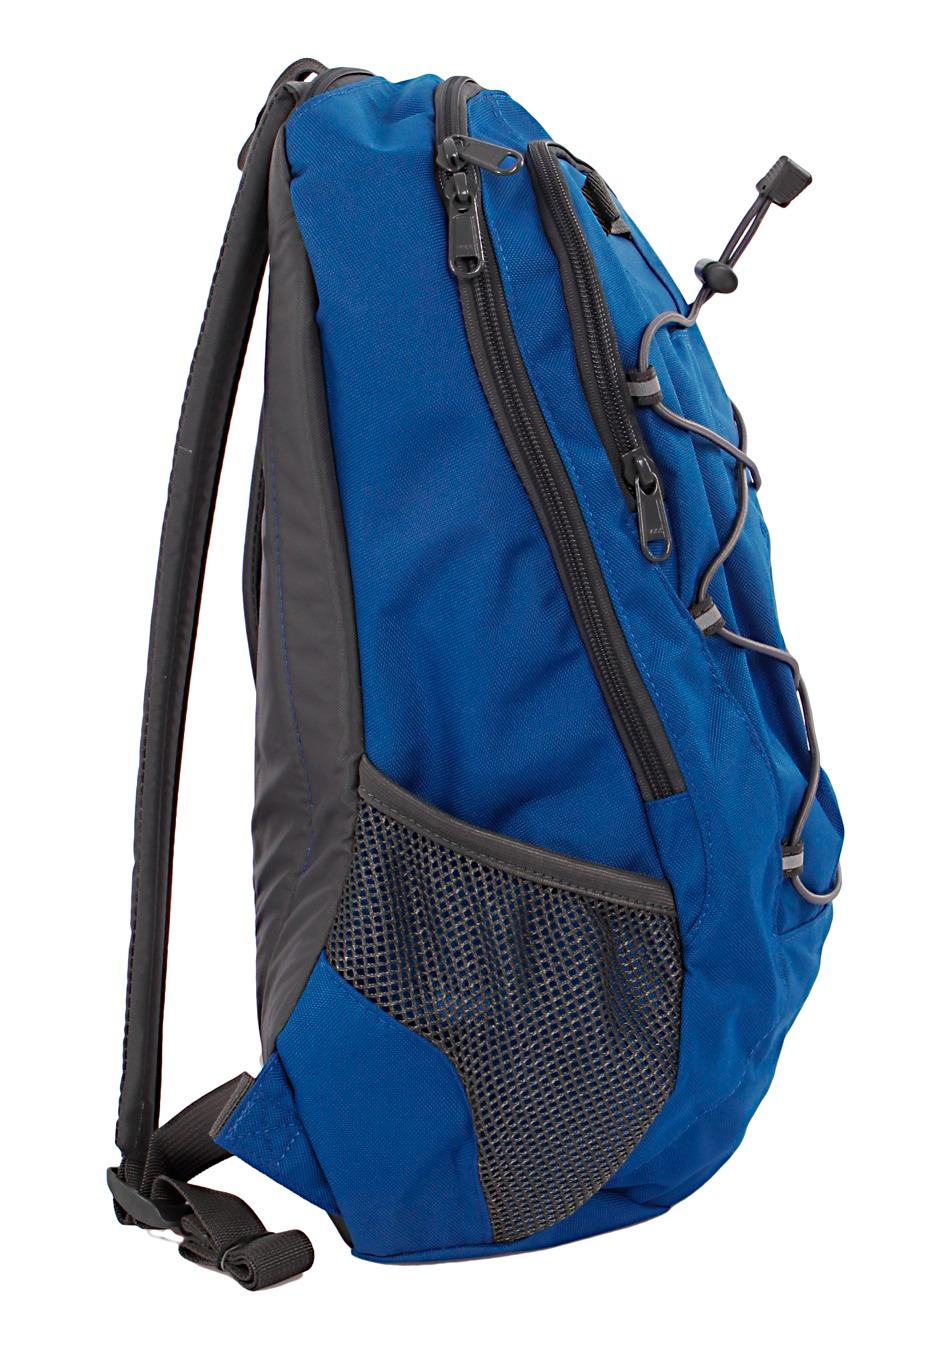 8d61805547cd0 Dakine - Transit Blue - Backpack Dakine - Transit Blue - Backpack ...